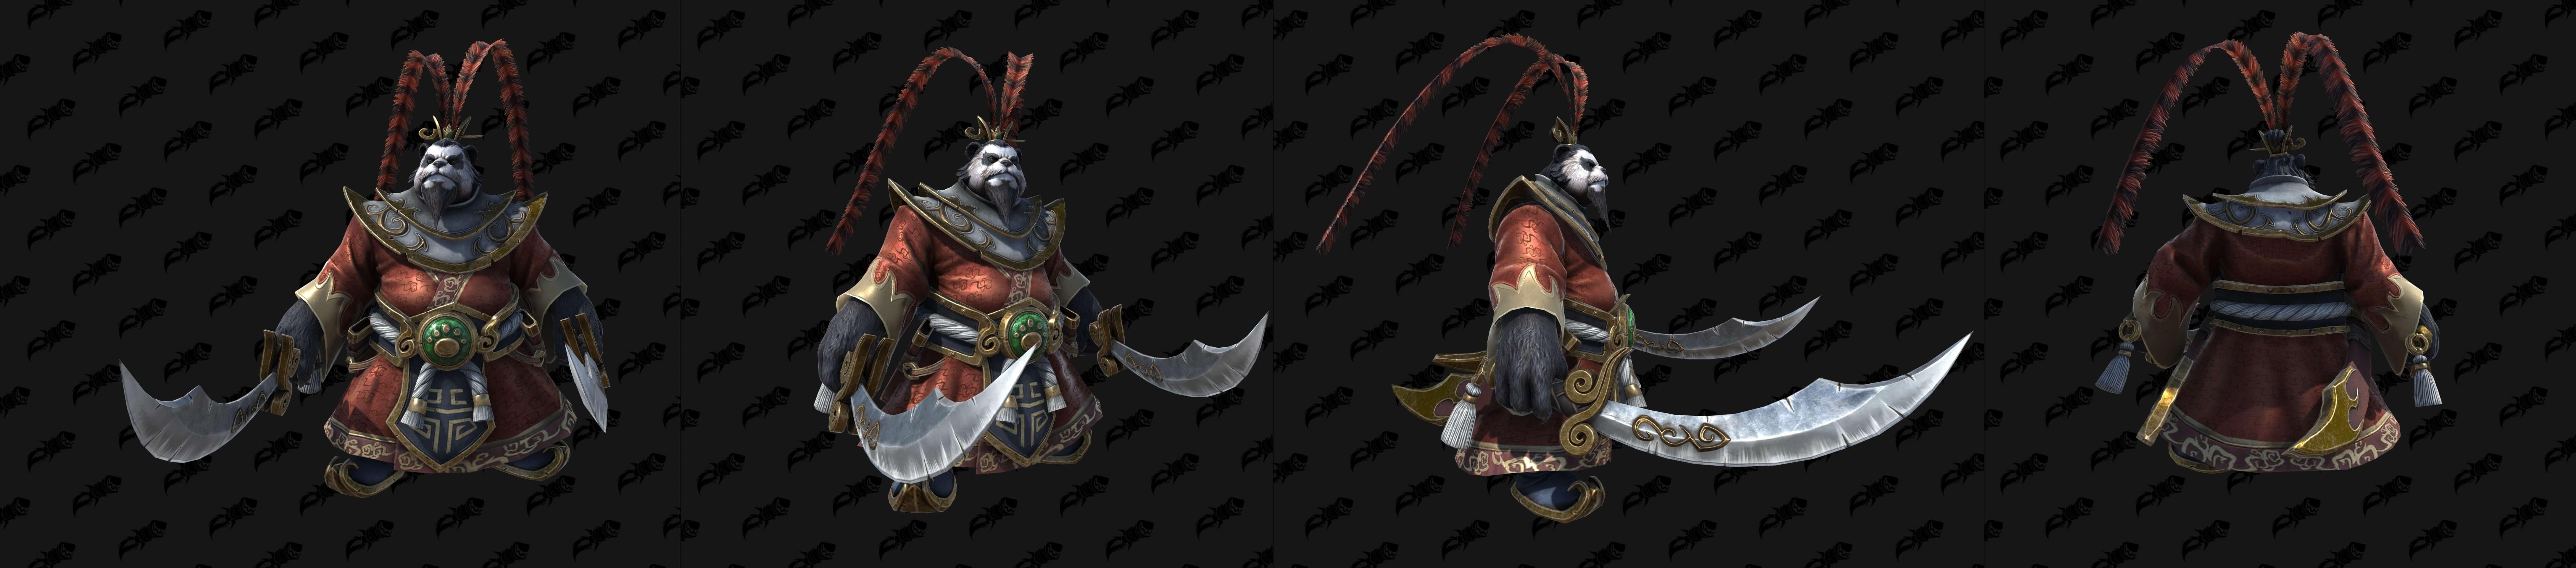 Чэнь Буйный Портер (Огонь) Warcraft lll: Reforged